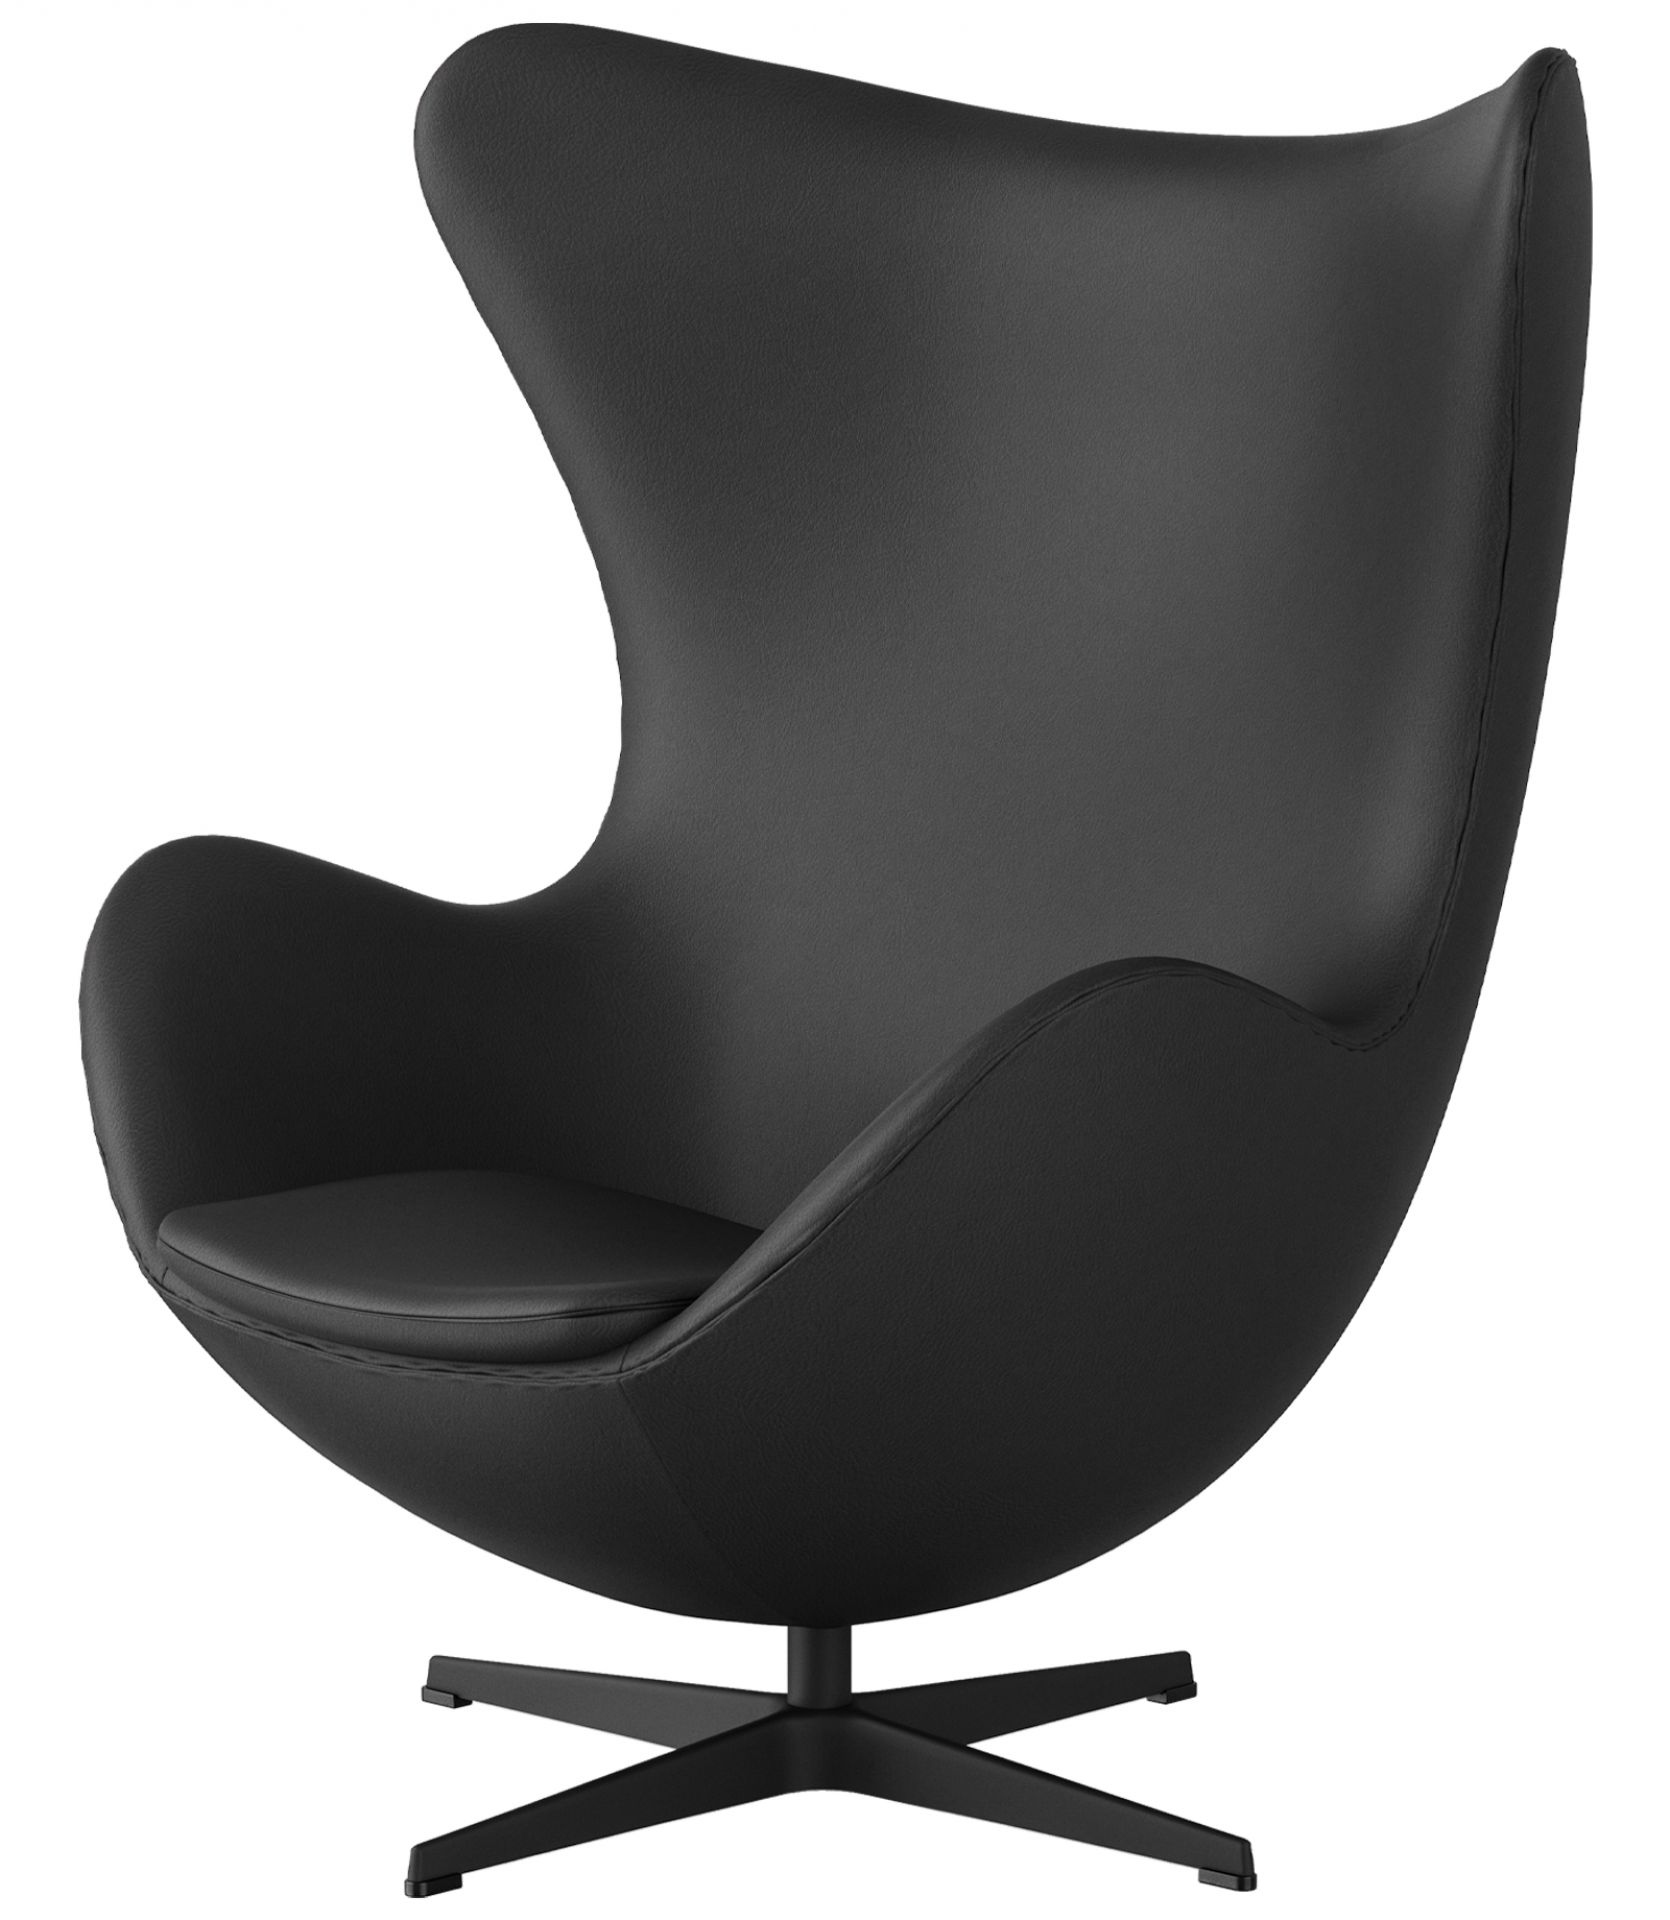 Das Ei / Egg Chair Sessel Fritz Hansen SONDEREDITION